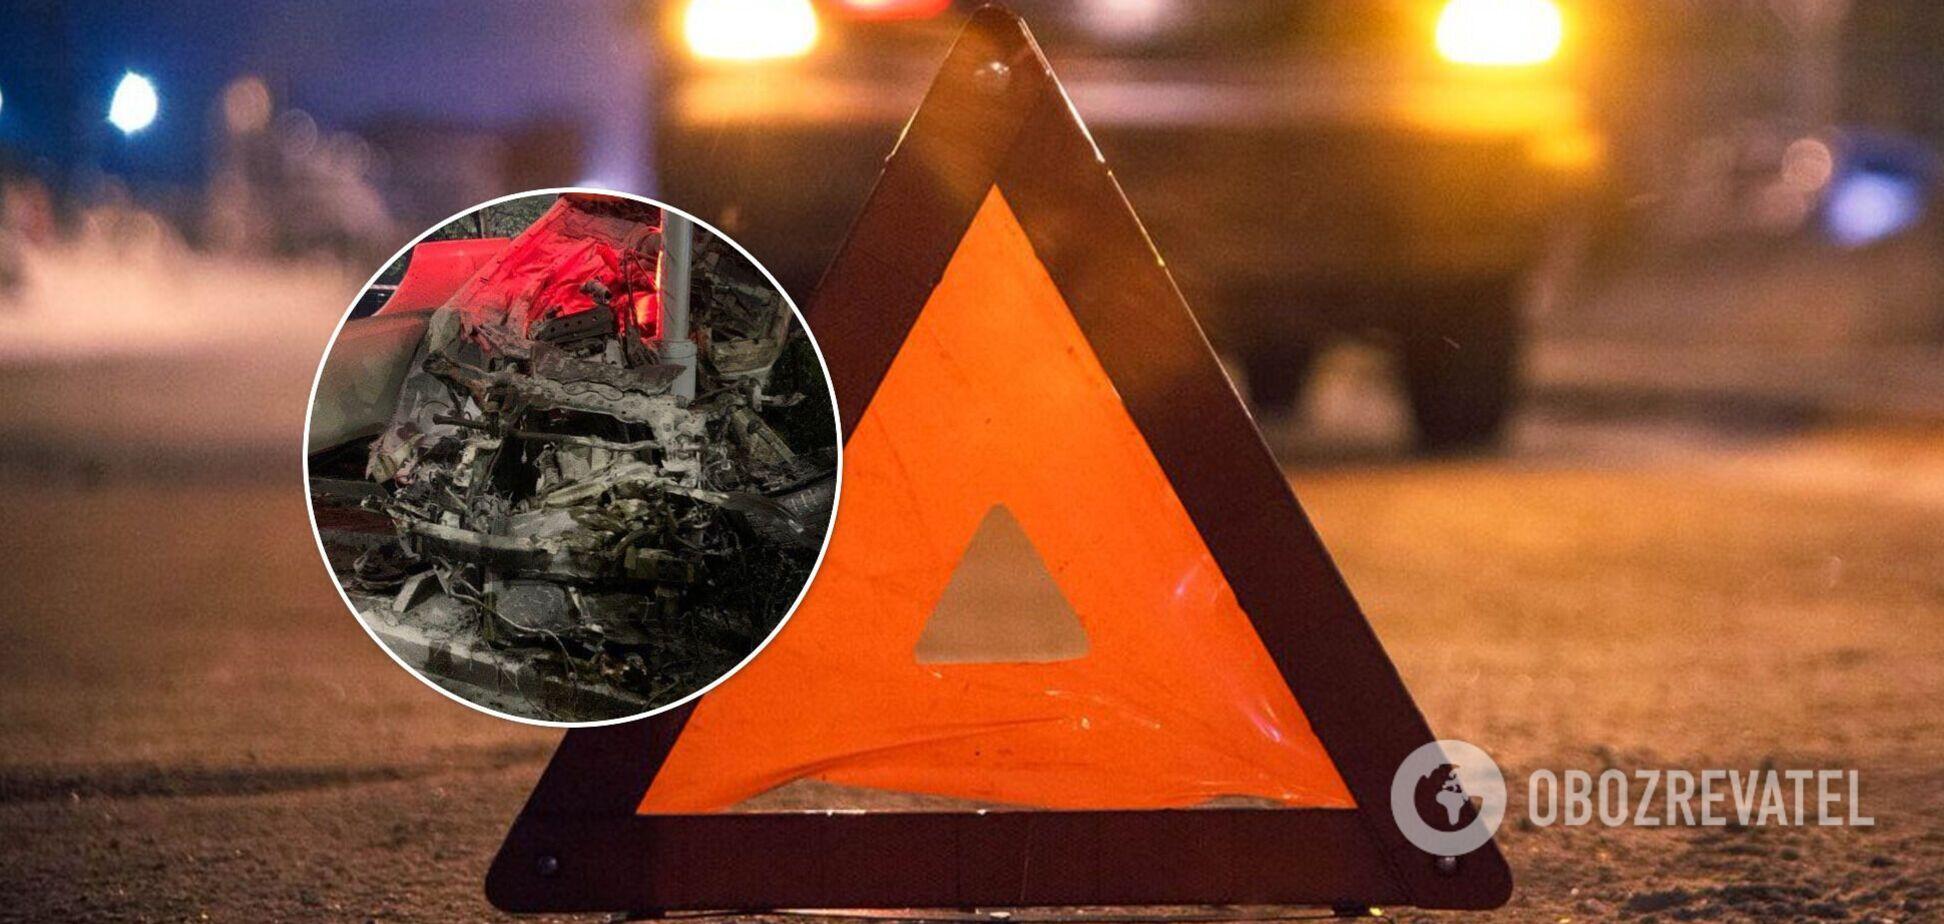 В Киеве парень на Infiniti убил 18-летнюю девушку в пьяном ДТП. Фото и видео